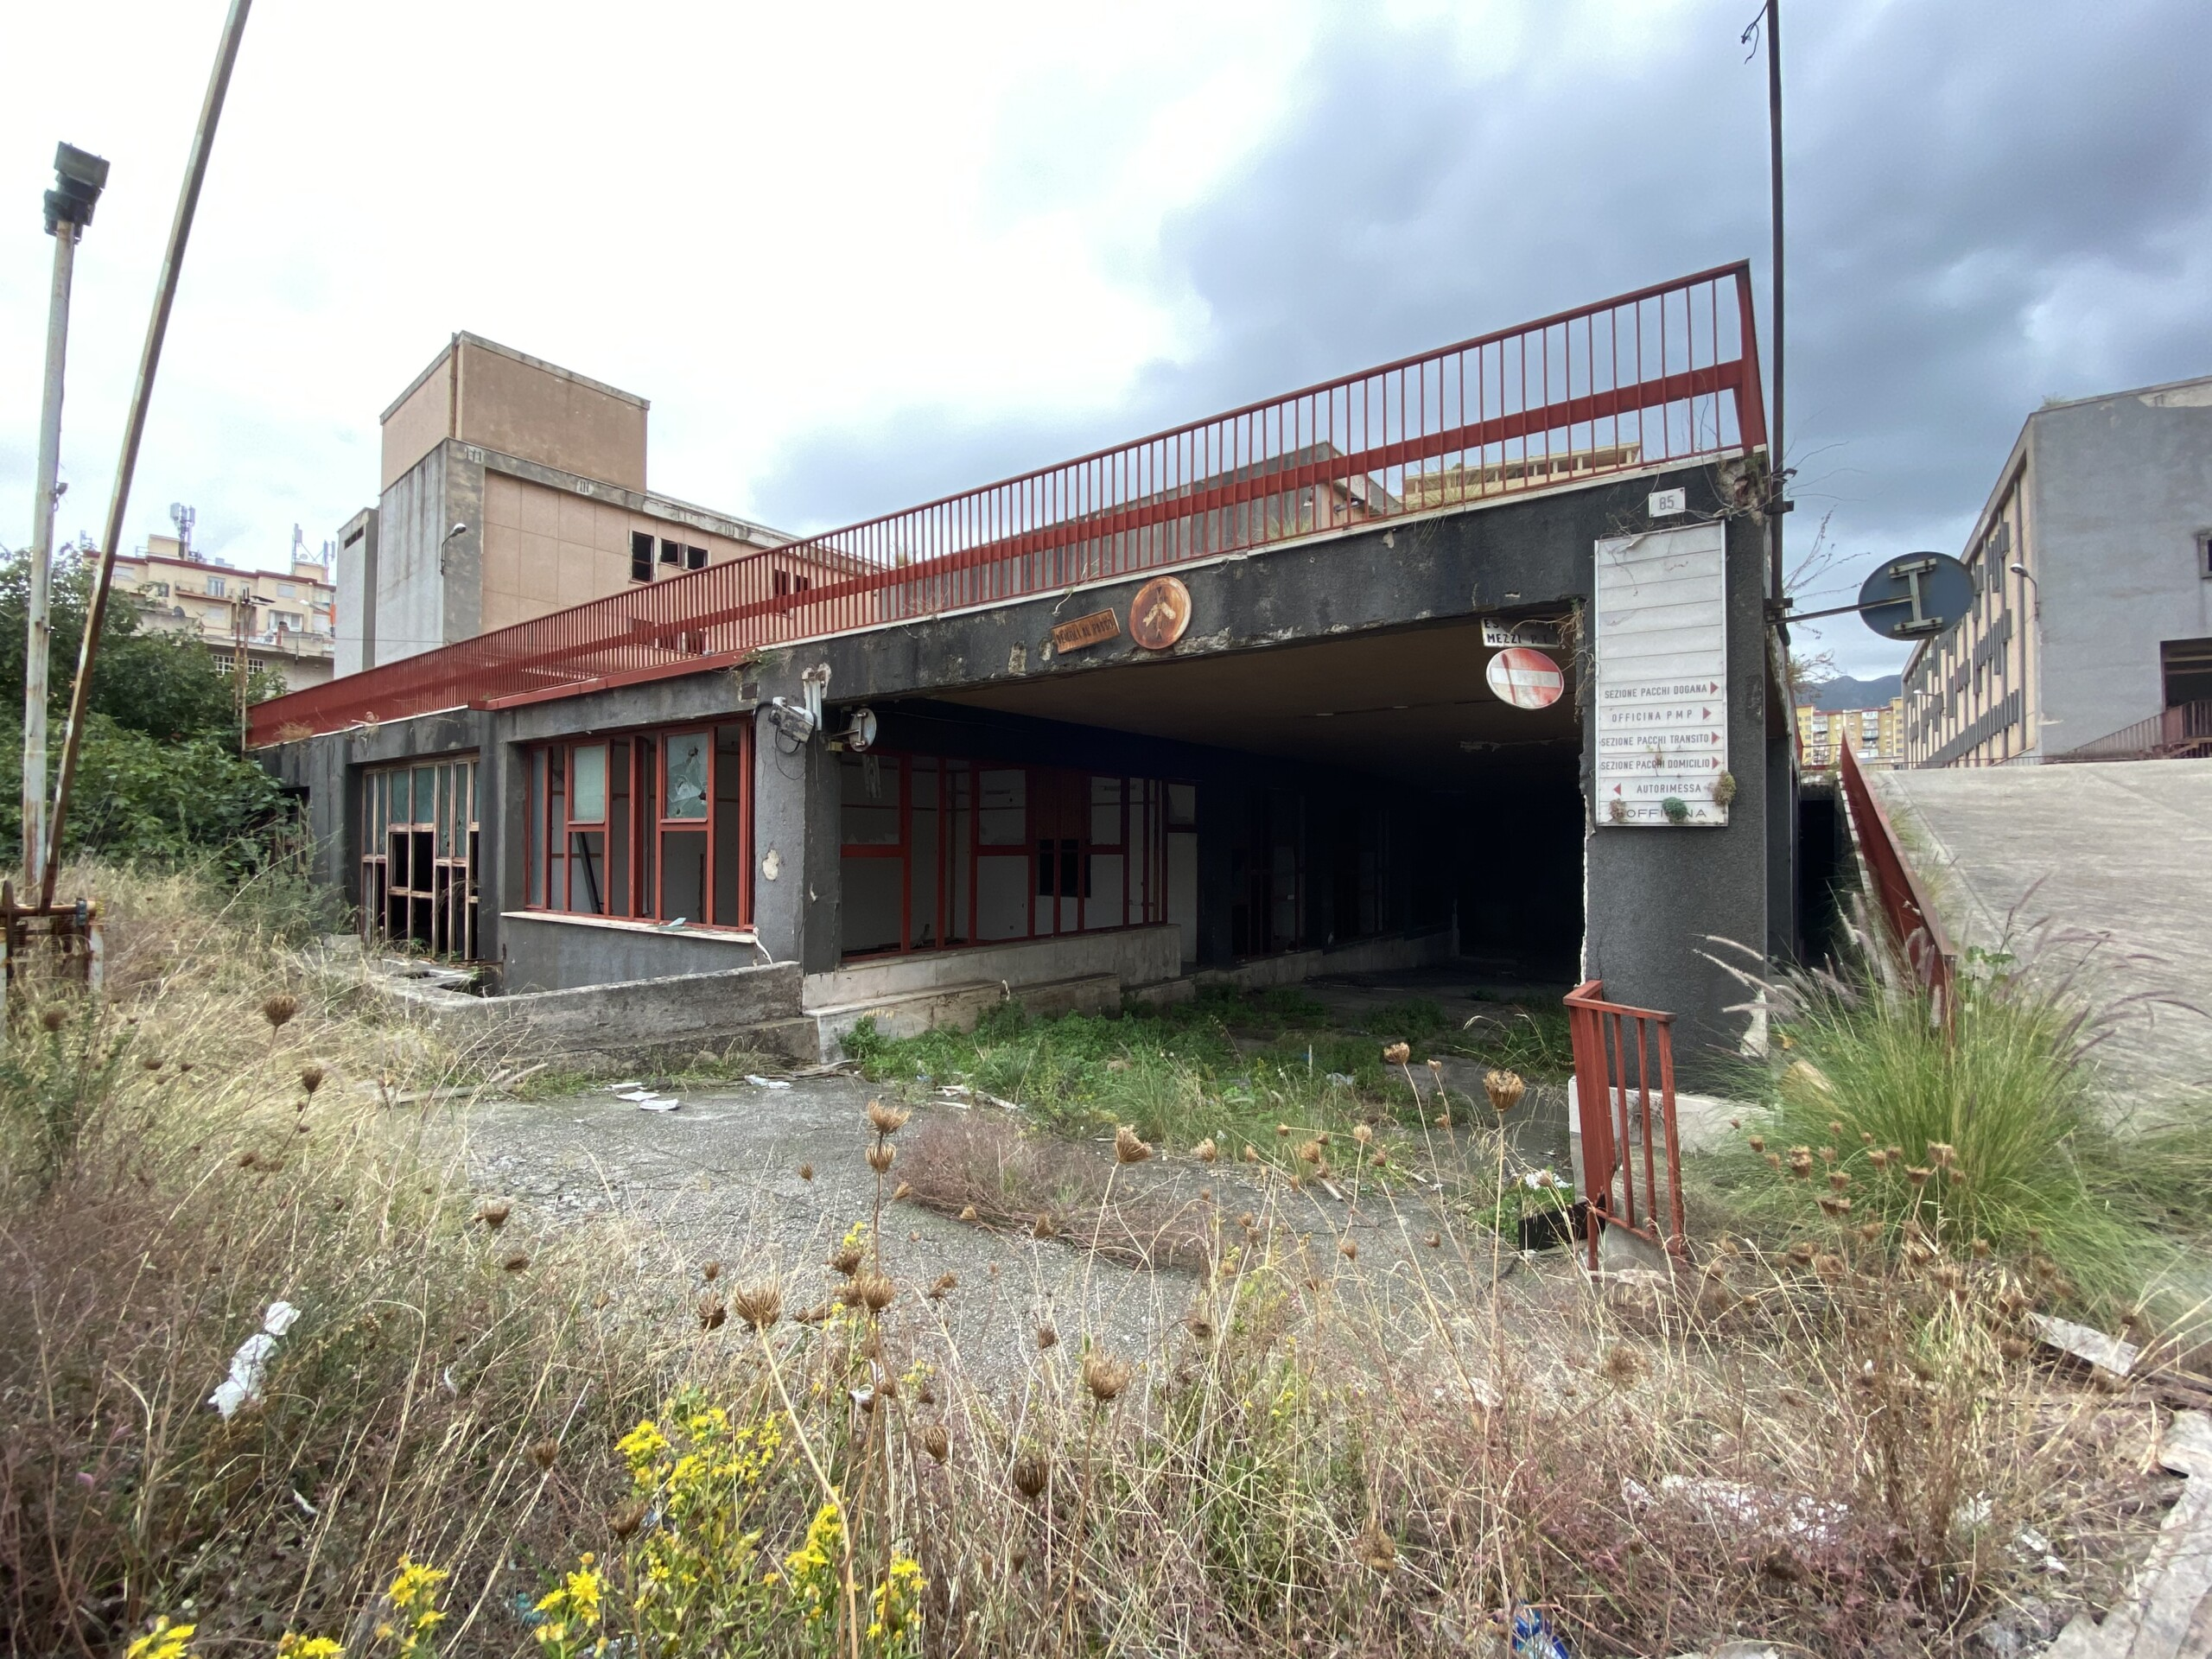 Brancaccio - Stato attuale di abbandono dell'ex centro Poste